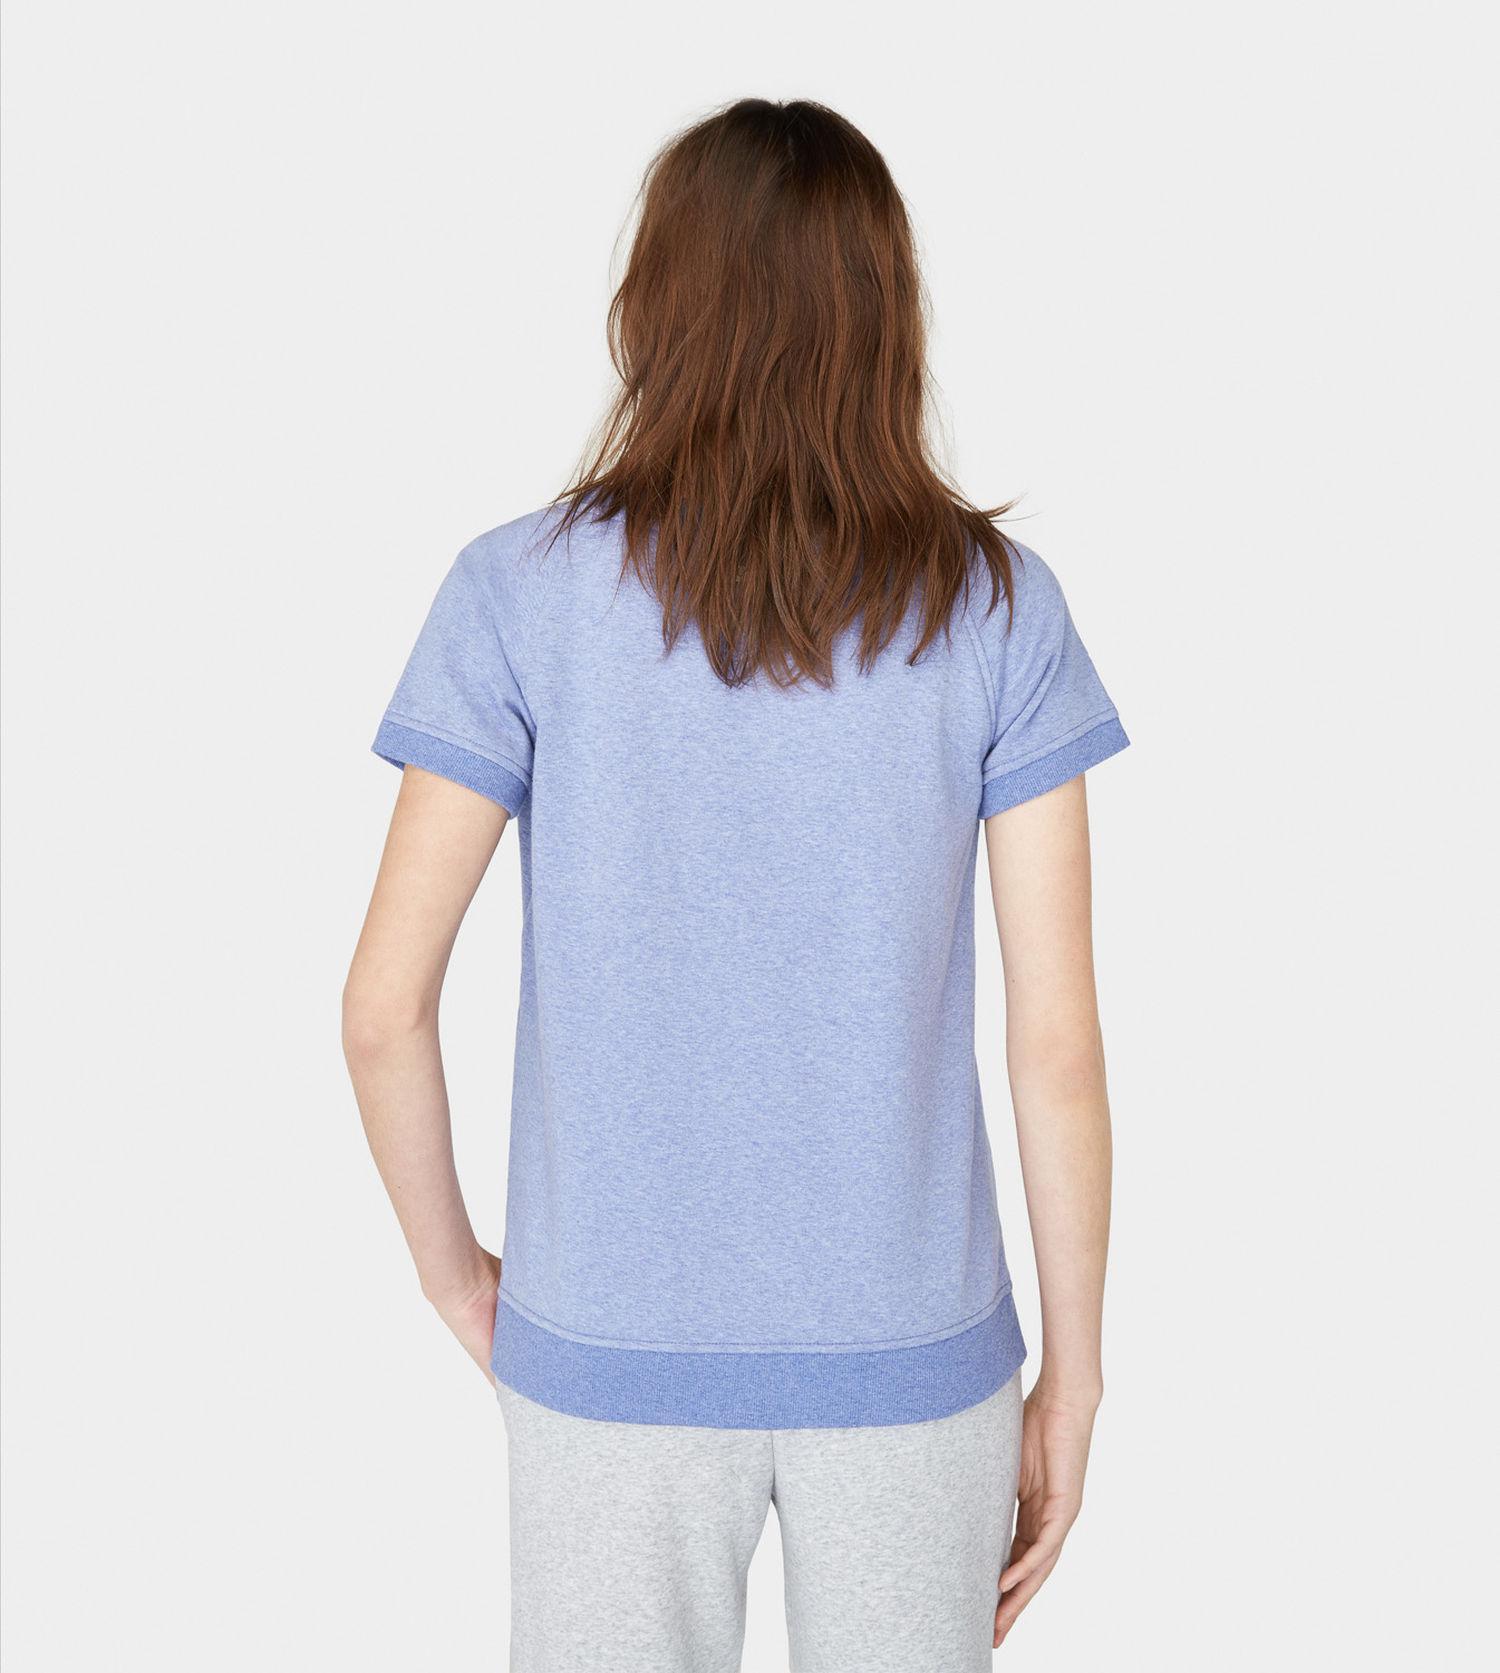 Lyst - Ugg Women s Sonny Tee in Blue b6a139fae